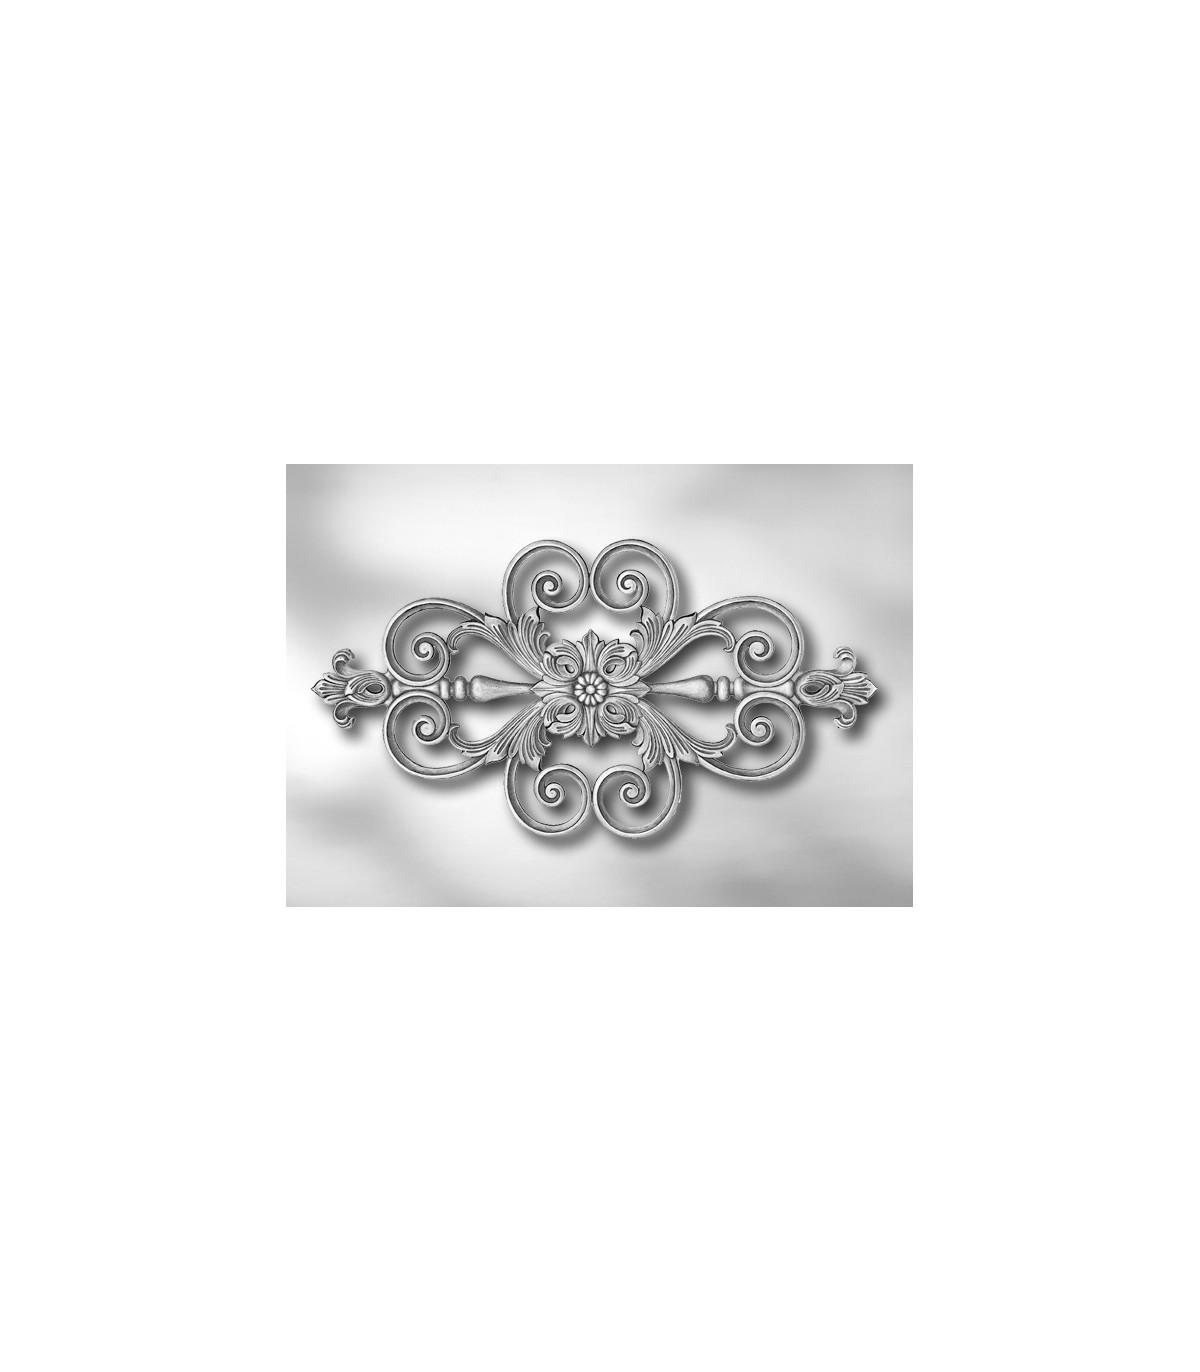 Feuille D Inox À Coller elément décoratif simple face feuille d'acanthe